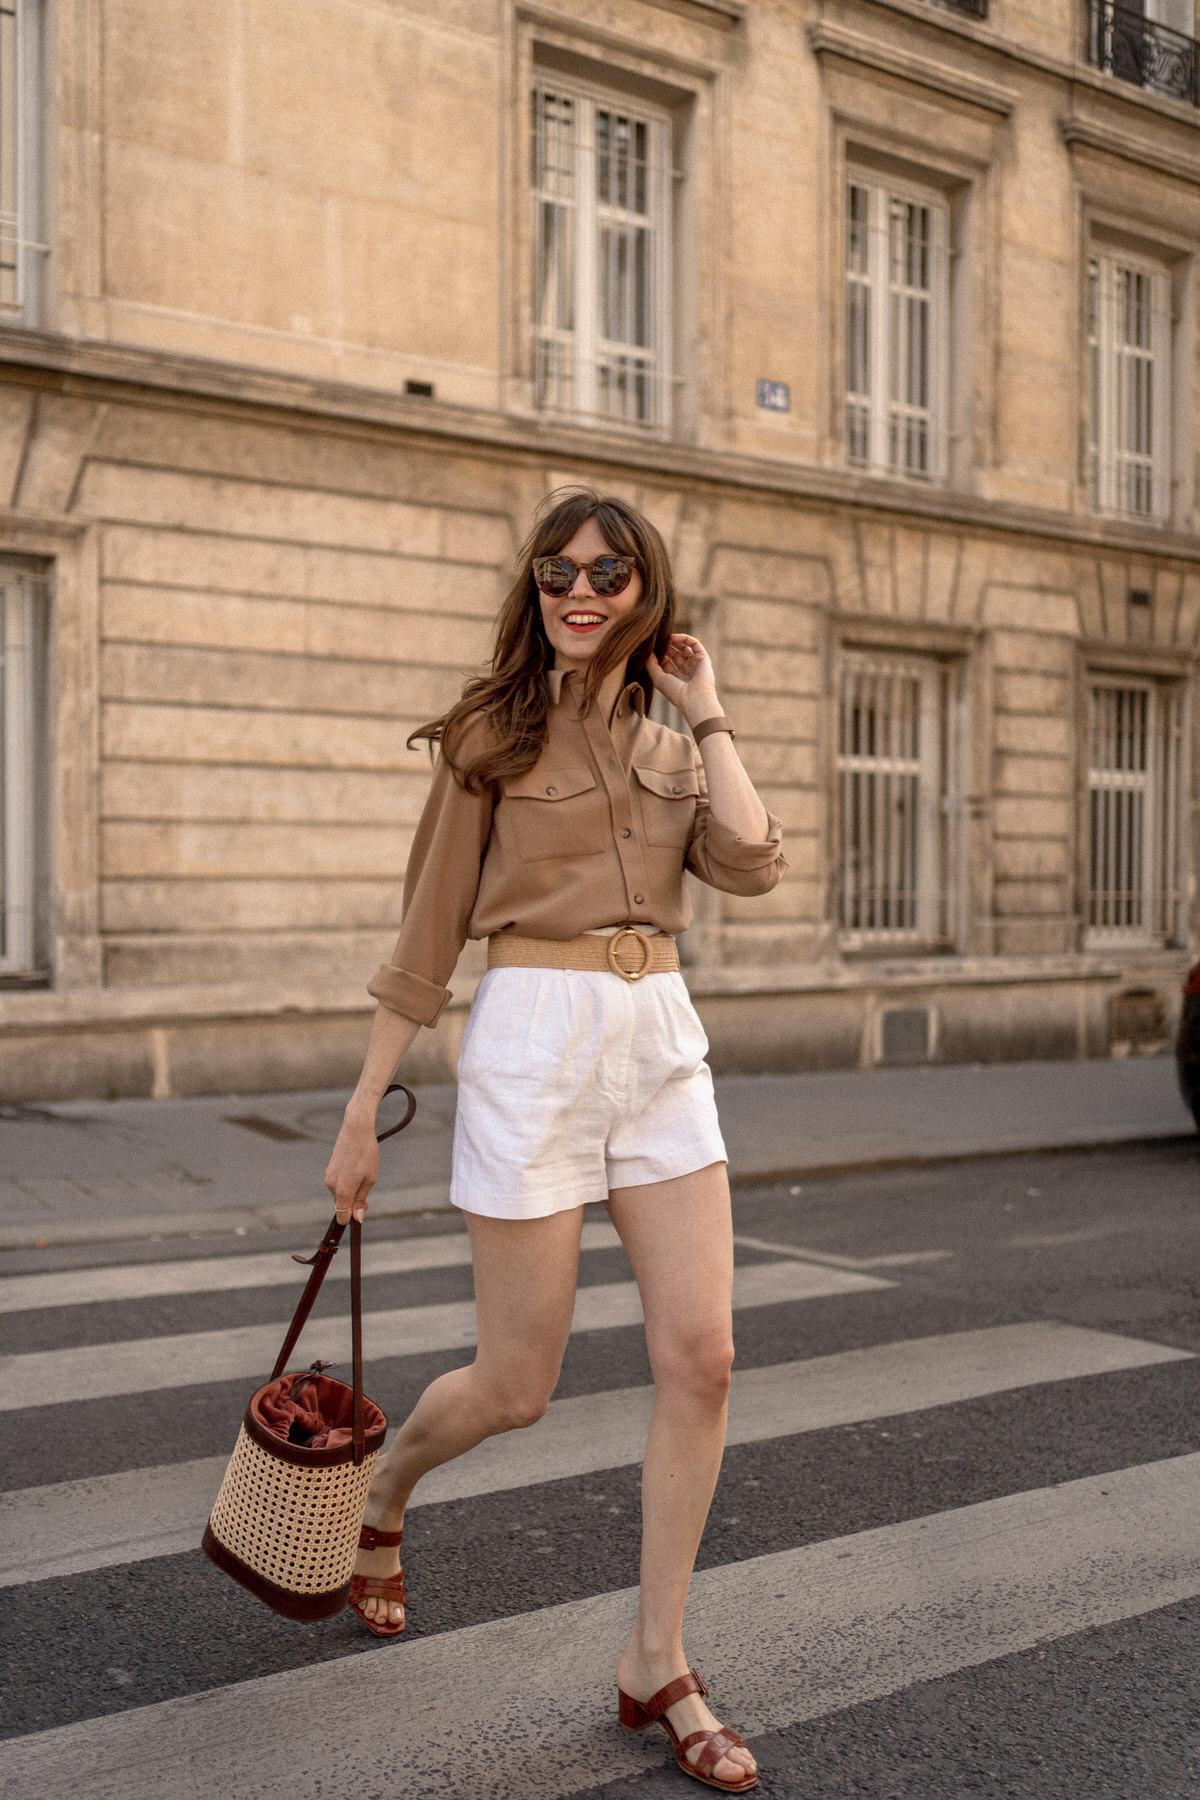 comment-porter-short-habillé-en-ville-3